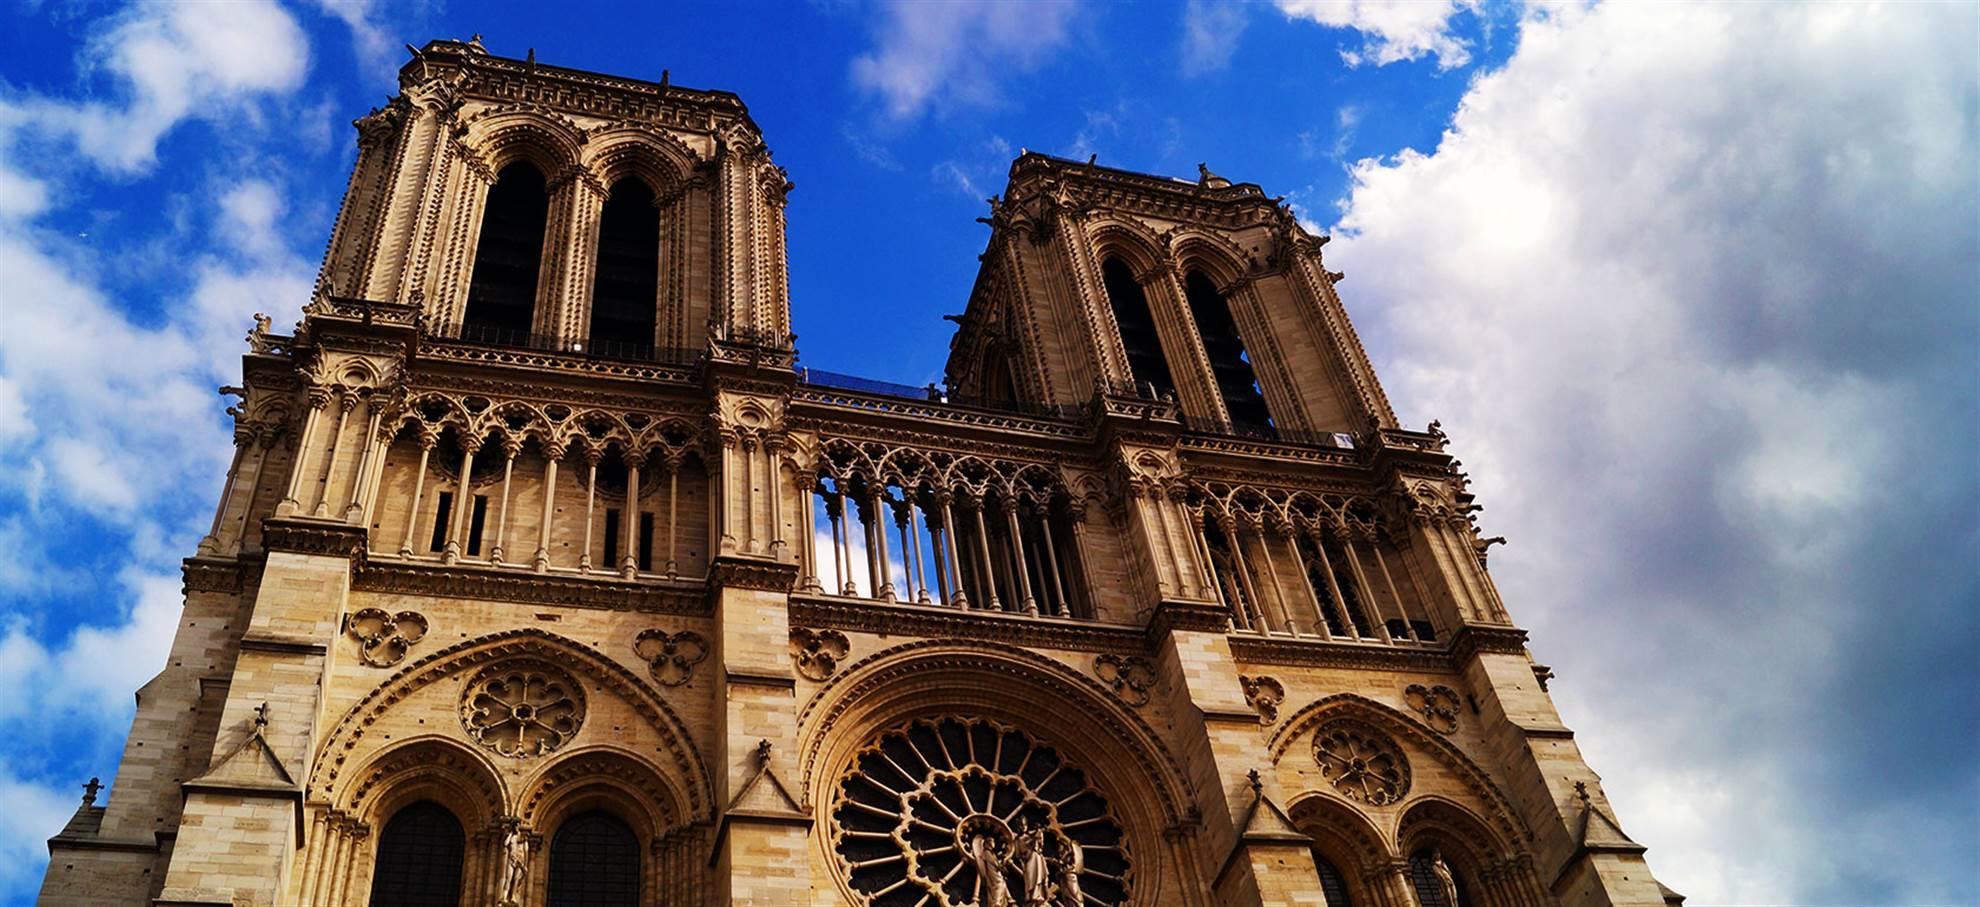 Historisch Parijs & Notre Dam